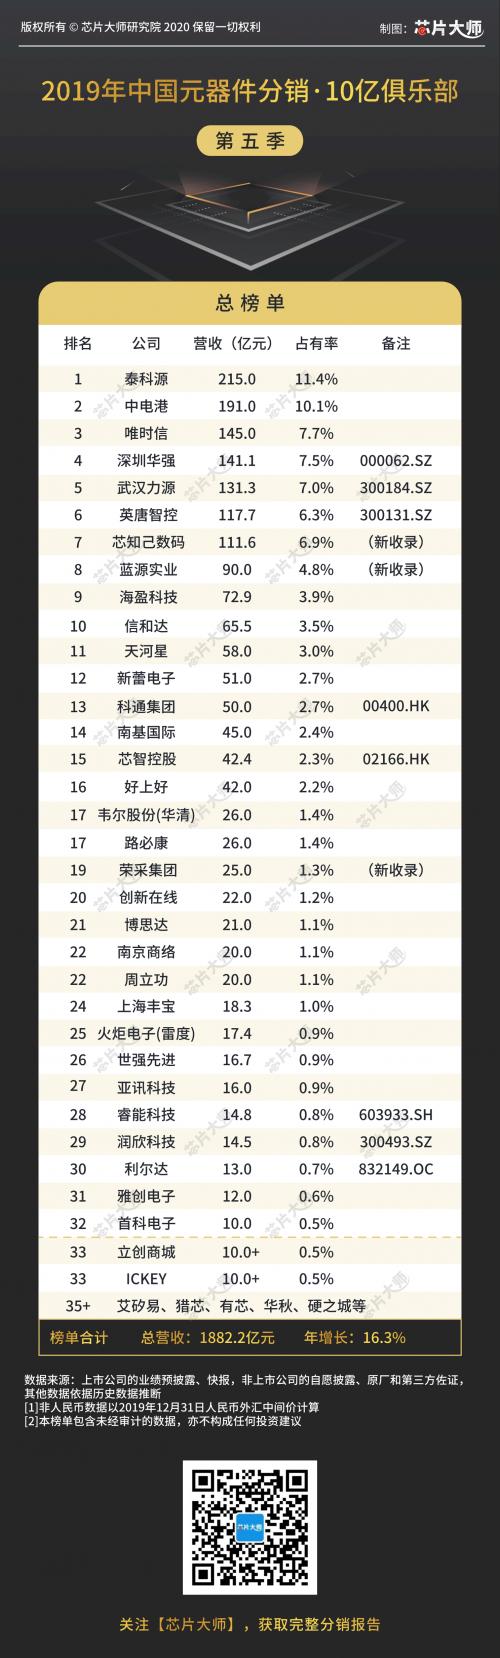 重磅发布(第五季):2019年中国元器件分销10亿俱乐部榜单!